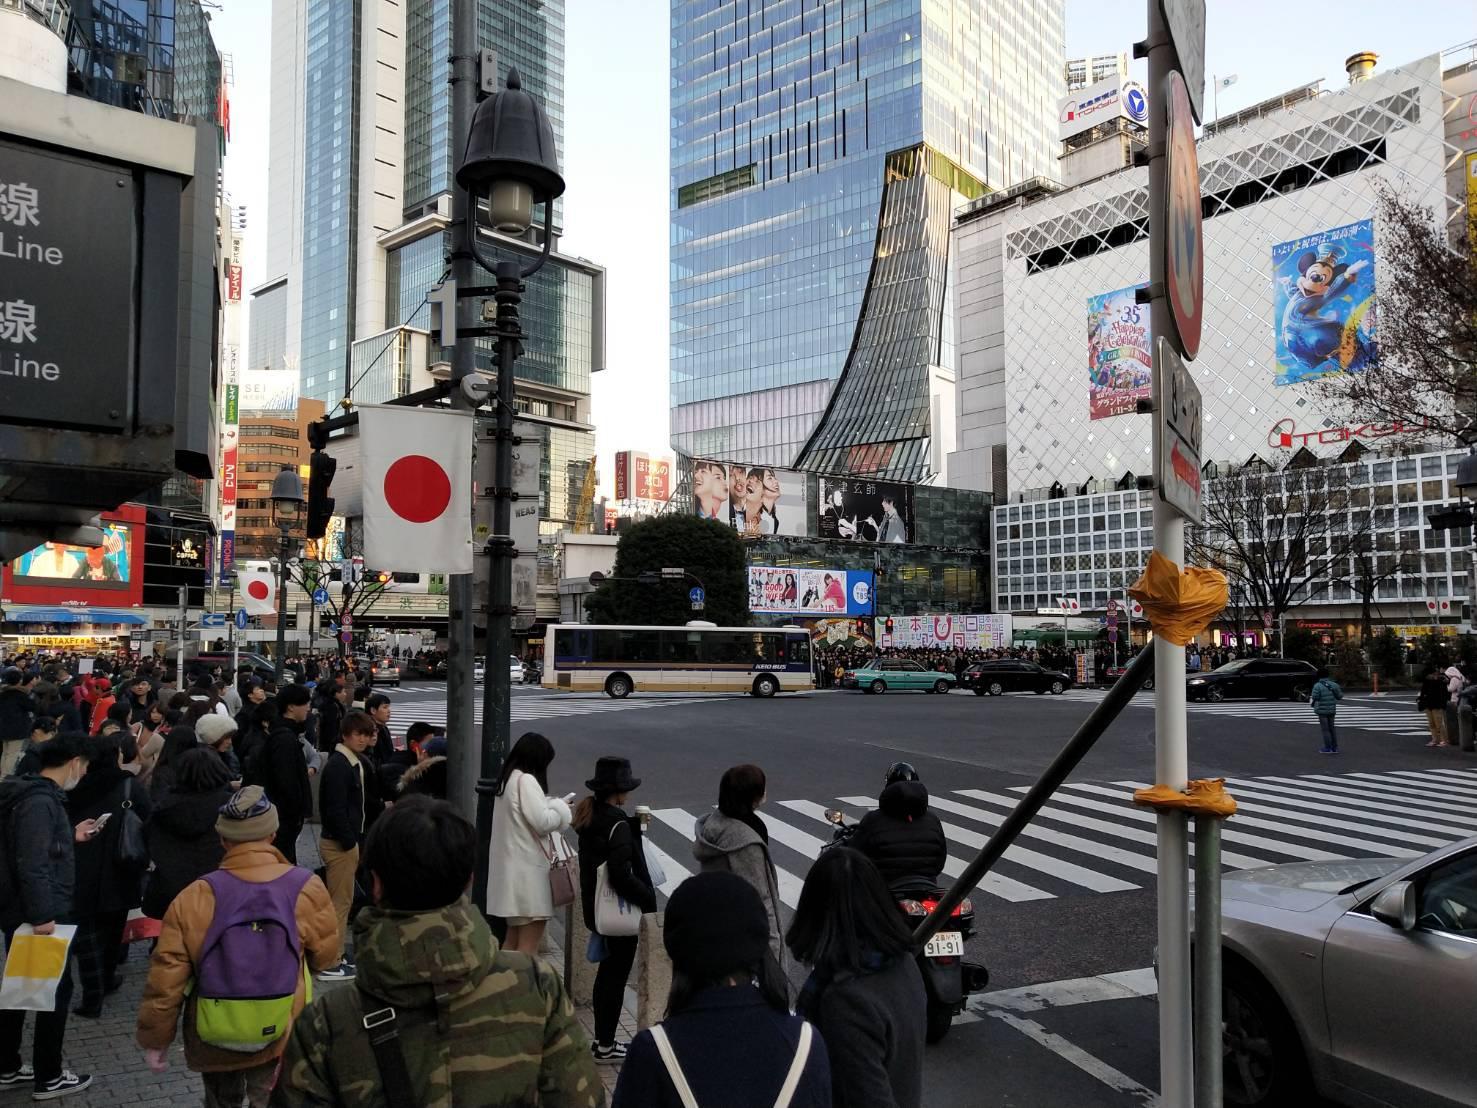 นักวิชาการ แนะคนไทยเร่งปรับตัว ดึงชาวญี่ปุ่นเที่ยวเมืองไทย